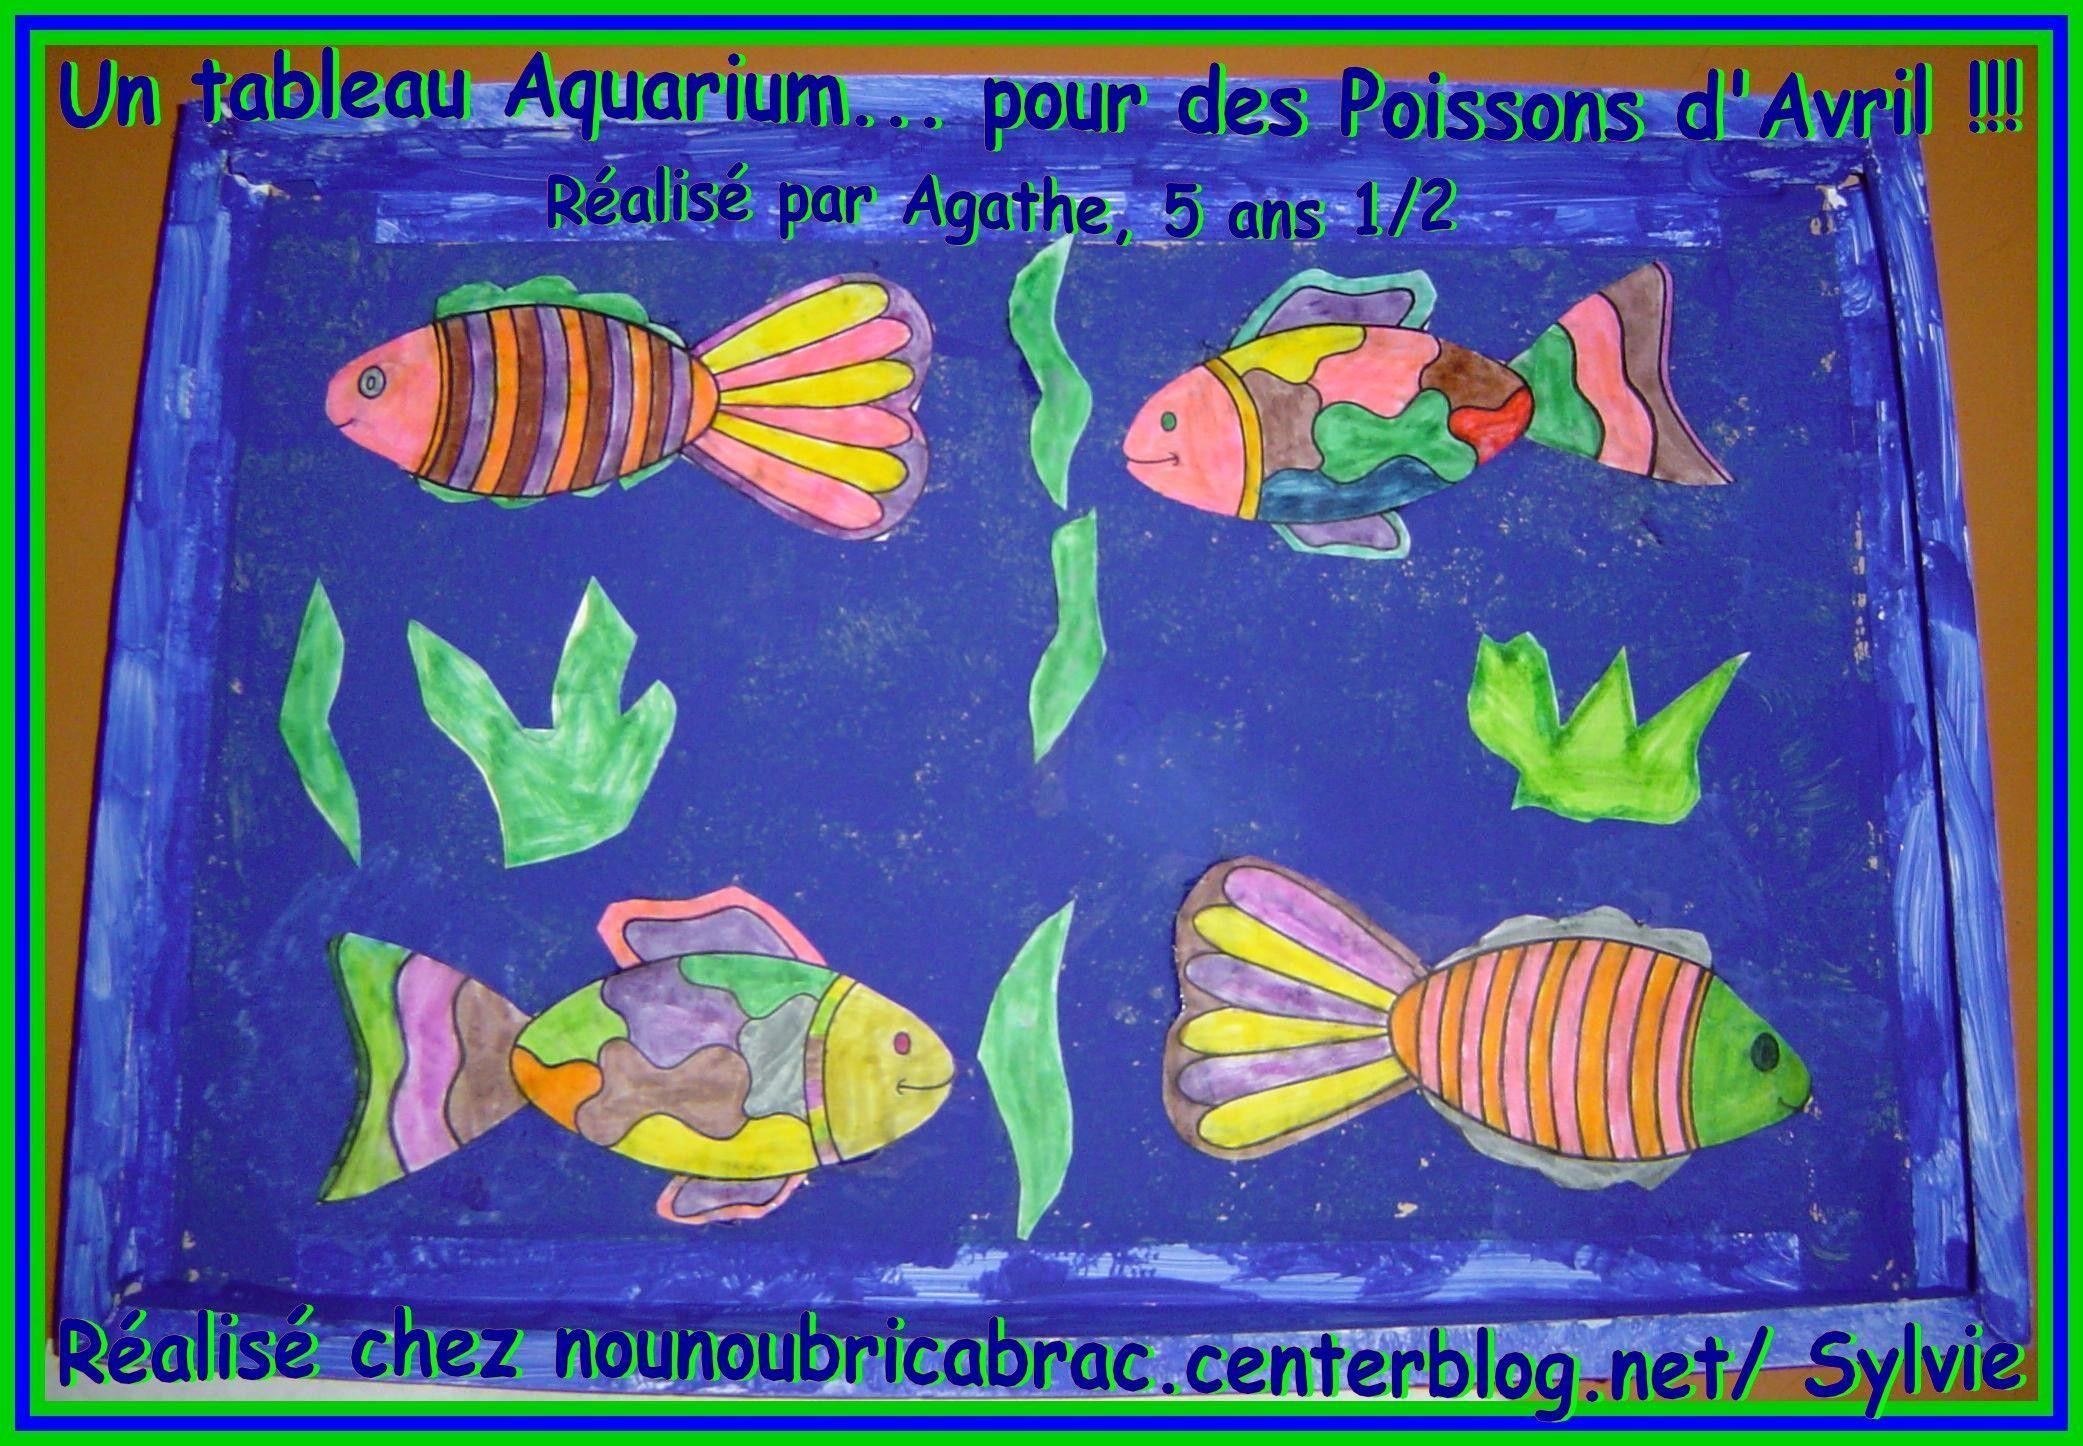 Un Aquarium pour Poissons d'Avril... réalisé par Agathe, 5 ans 1/2